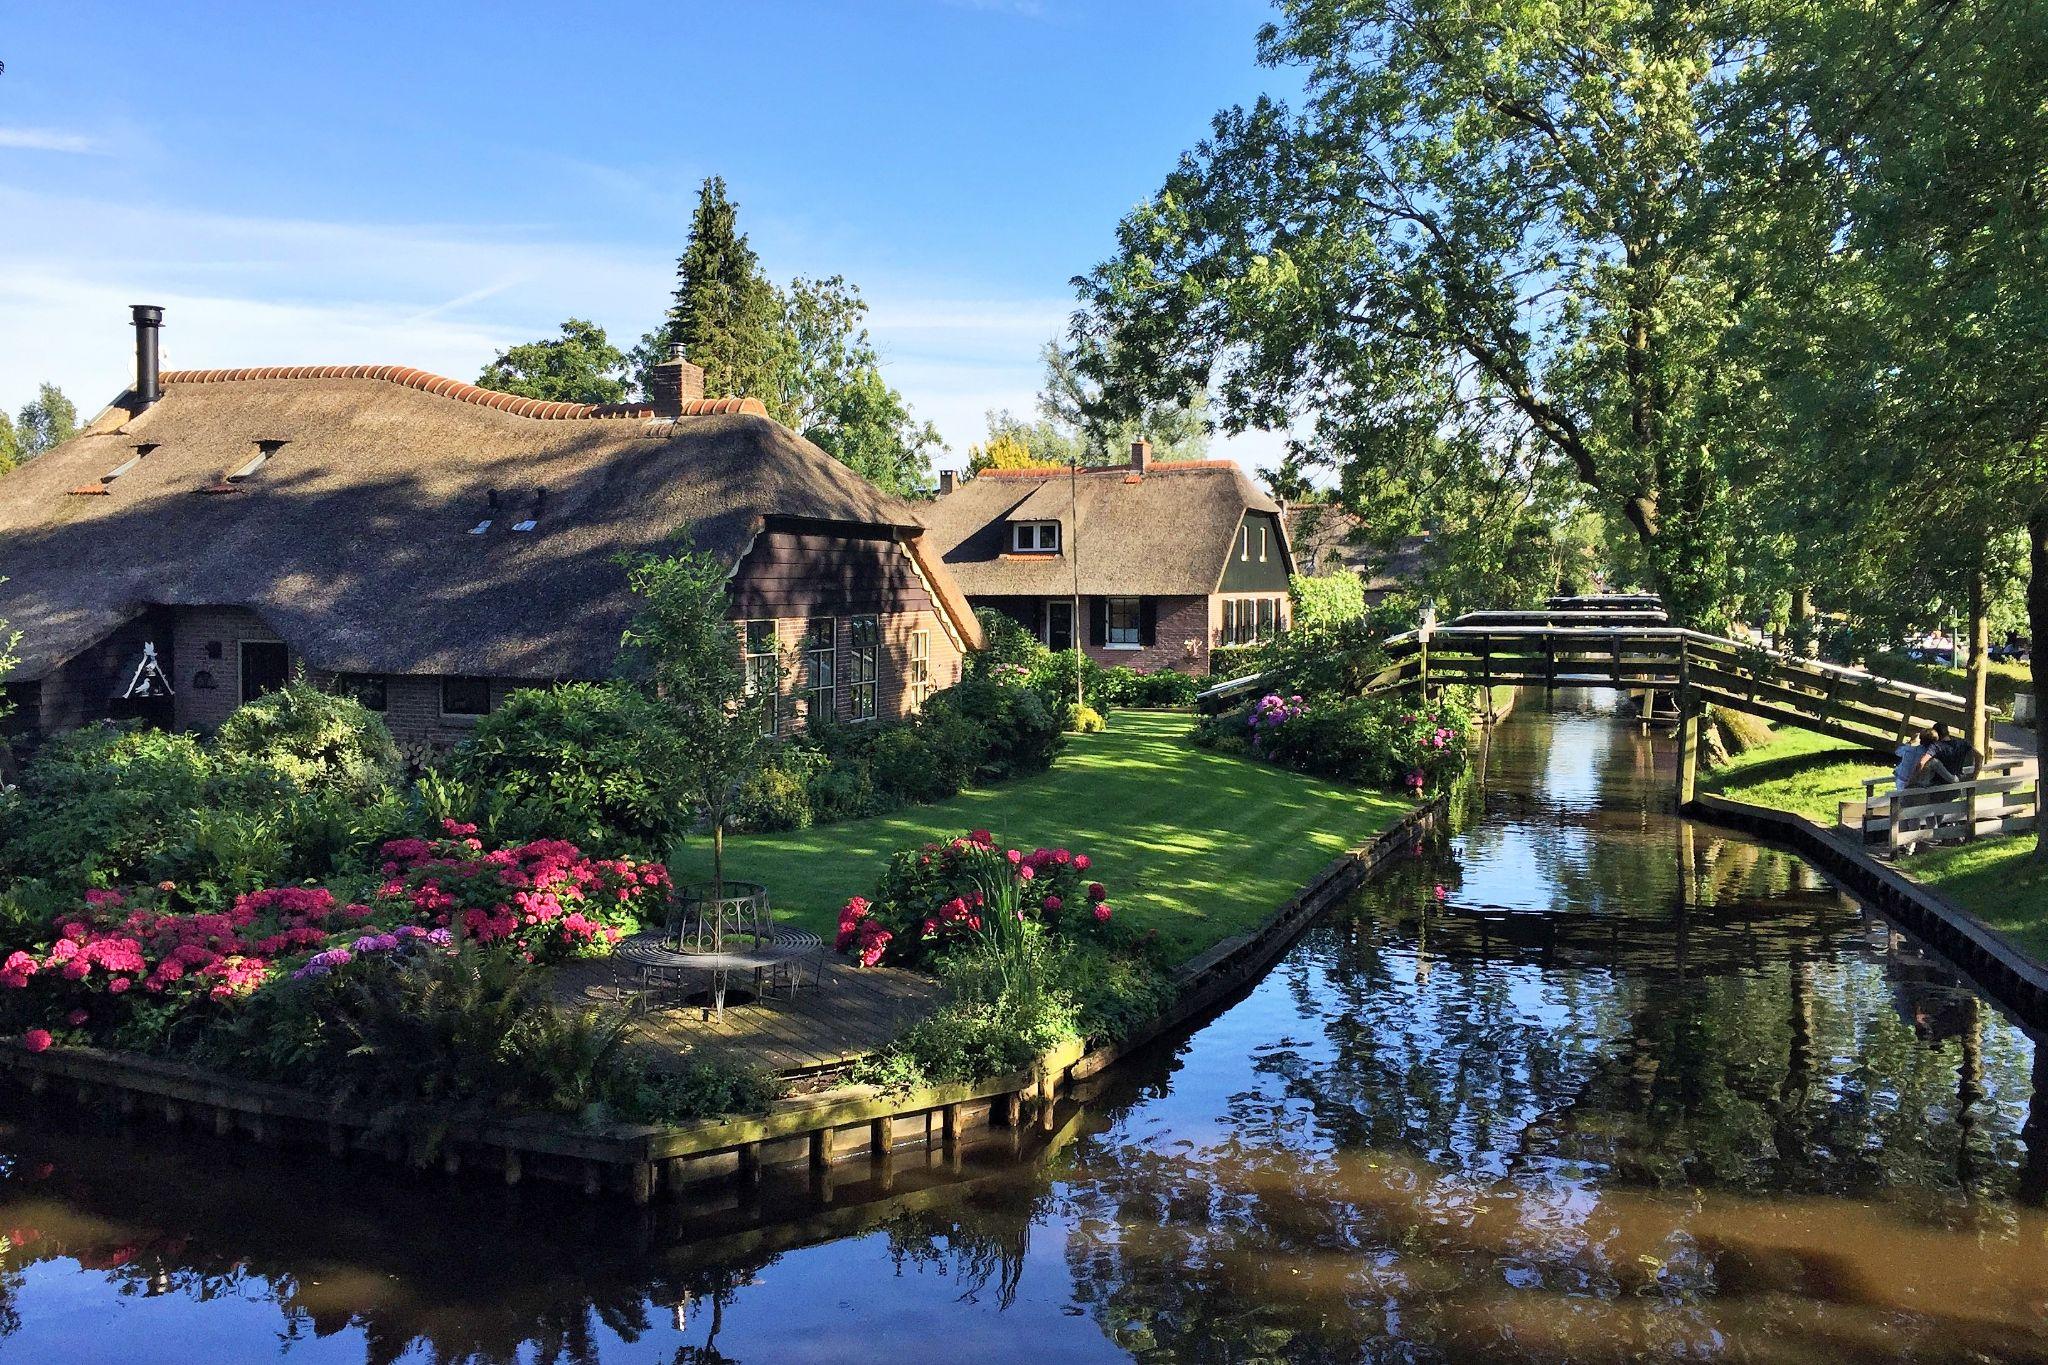 荷蘭式童話 — Giethoorn 羊角村   TRAVEL POP